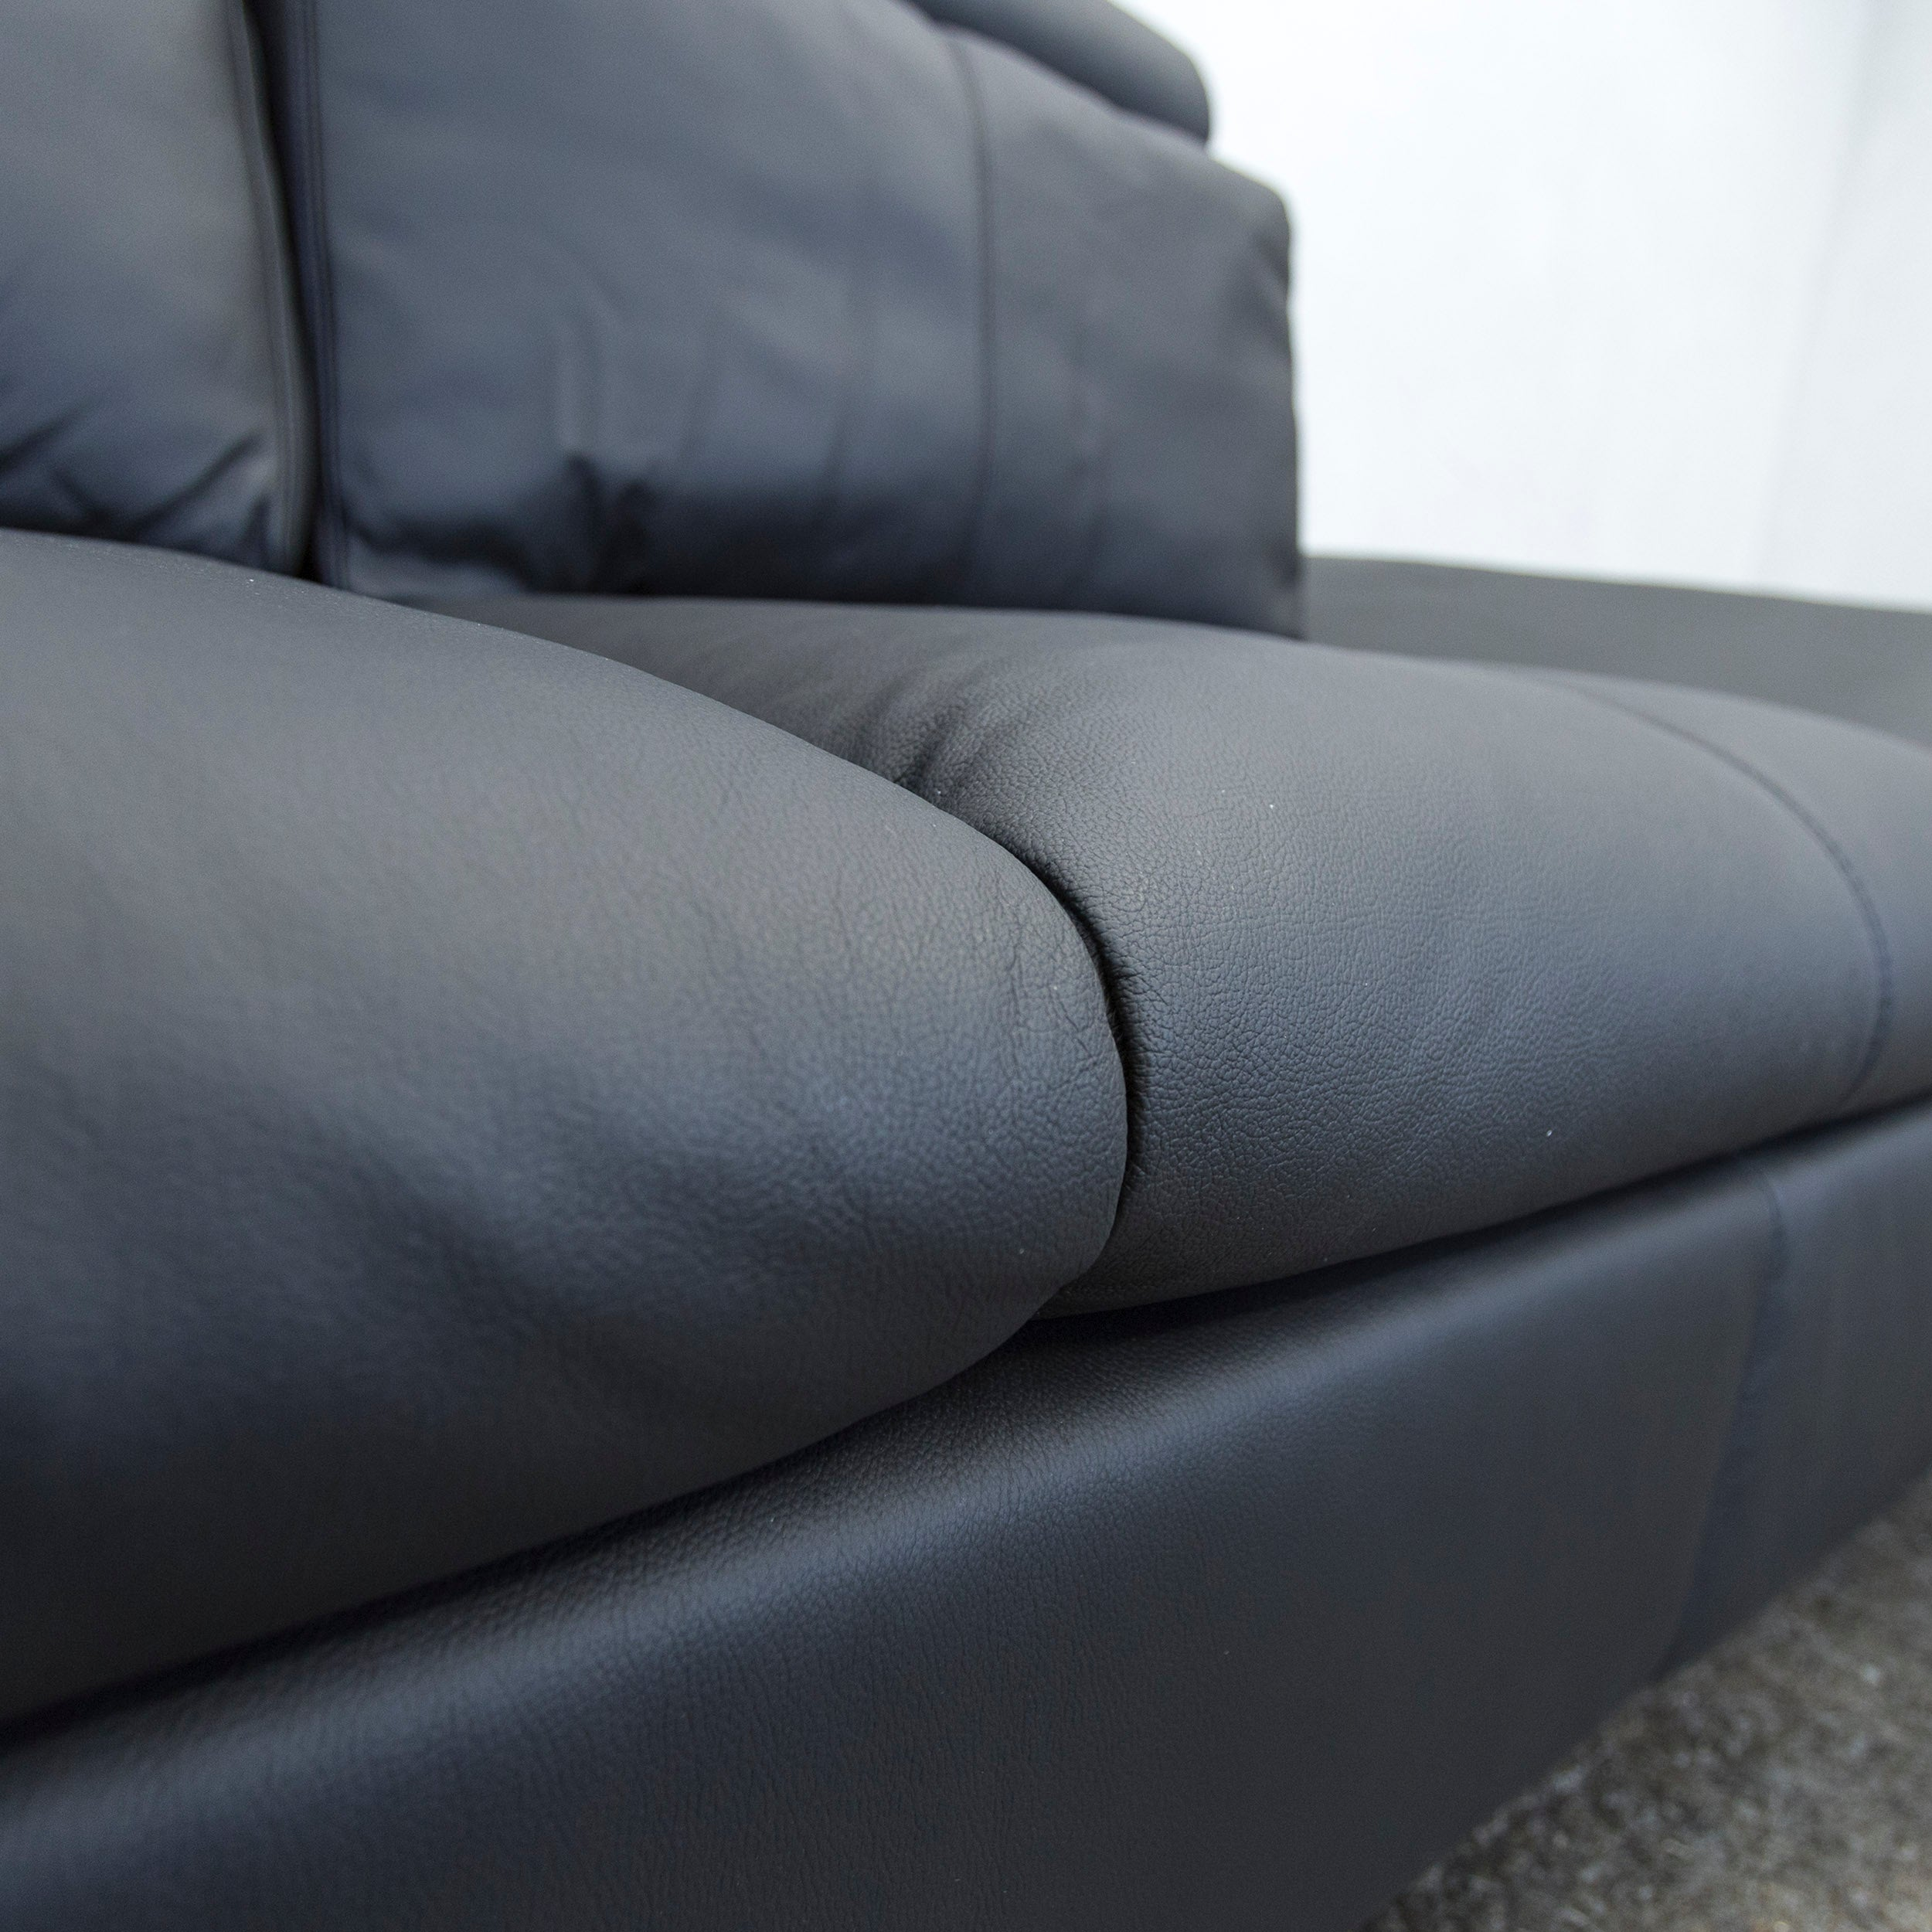 Top Ergebnis 10 Schön sofa Mit Funktion Bild 2018 Uqw1 2017 ...